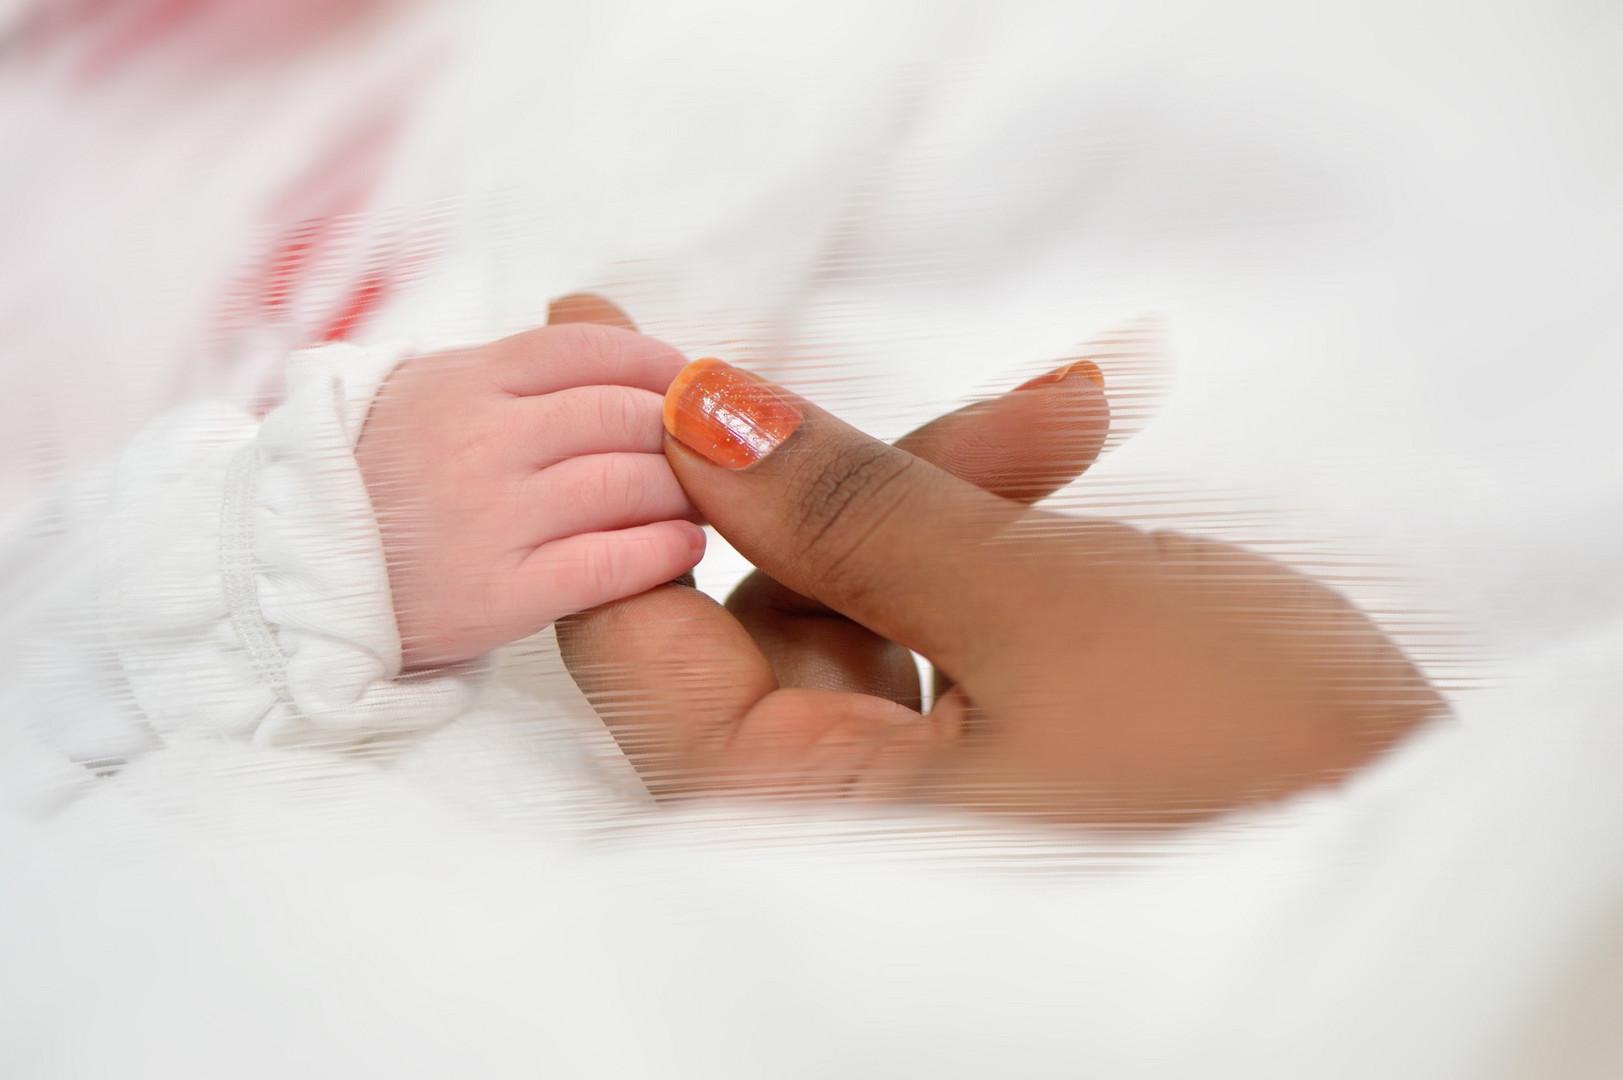 Adrianas und Mamis Hände